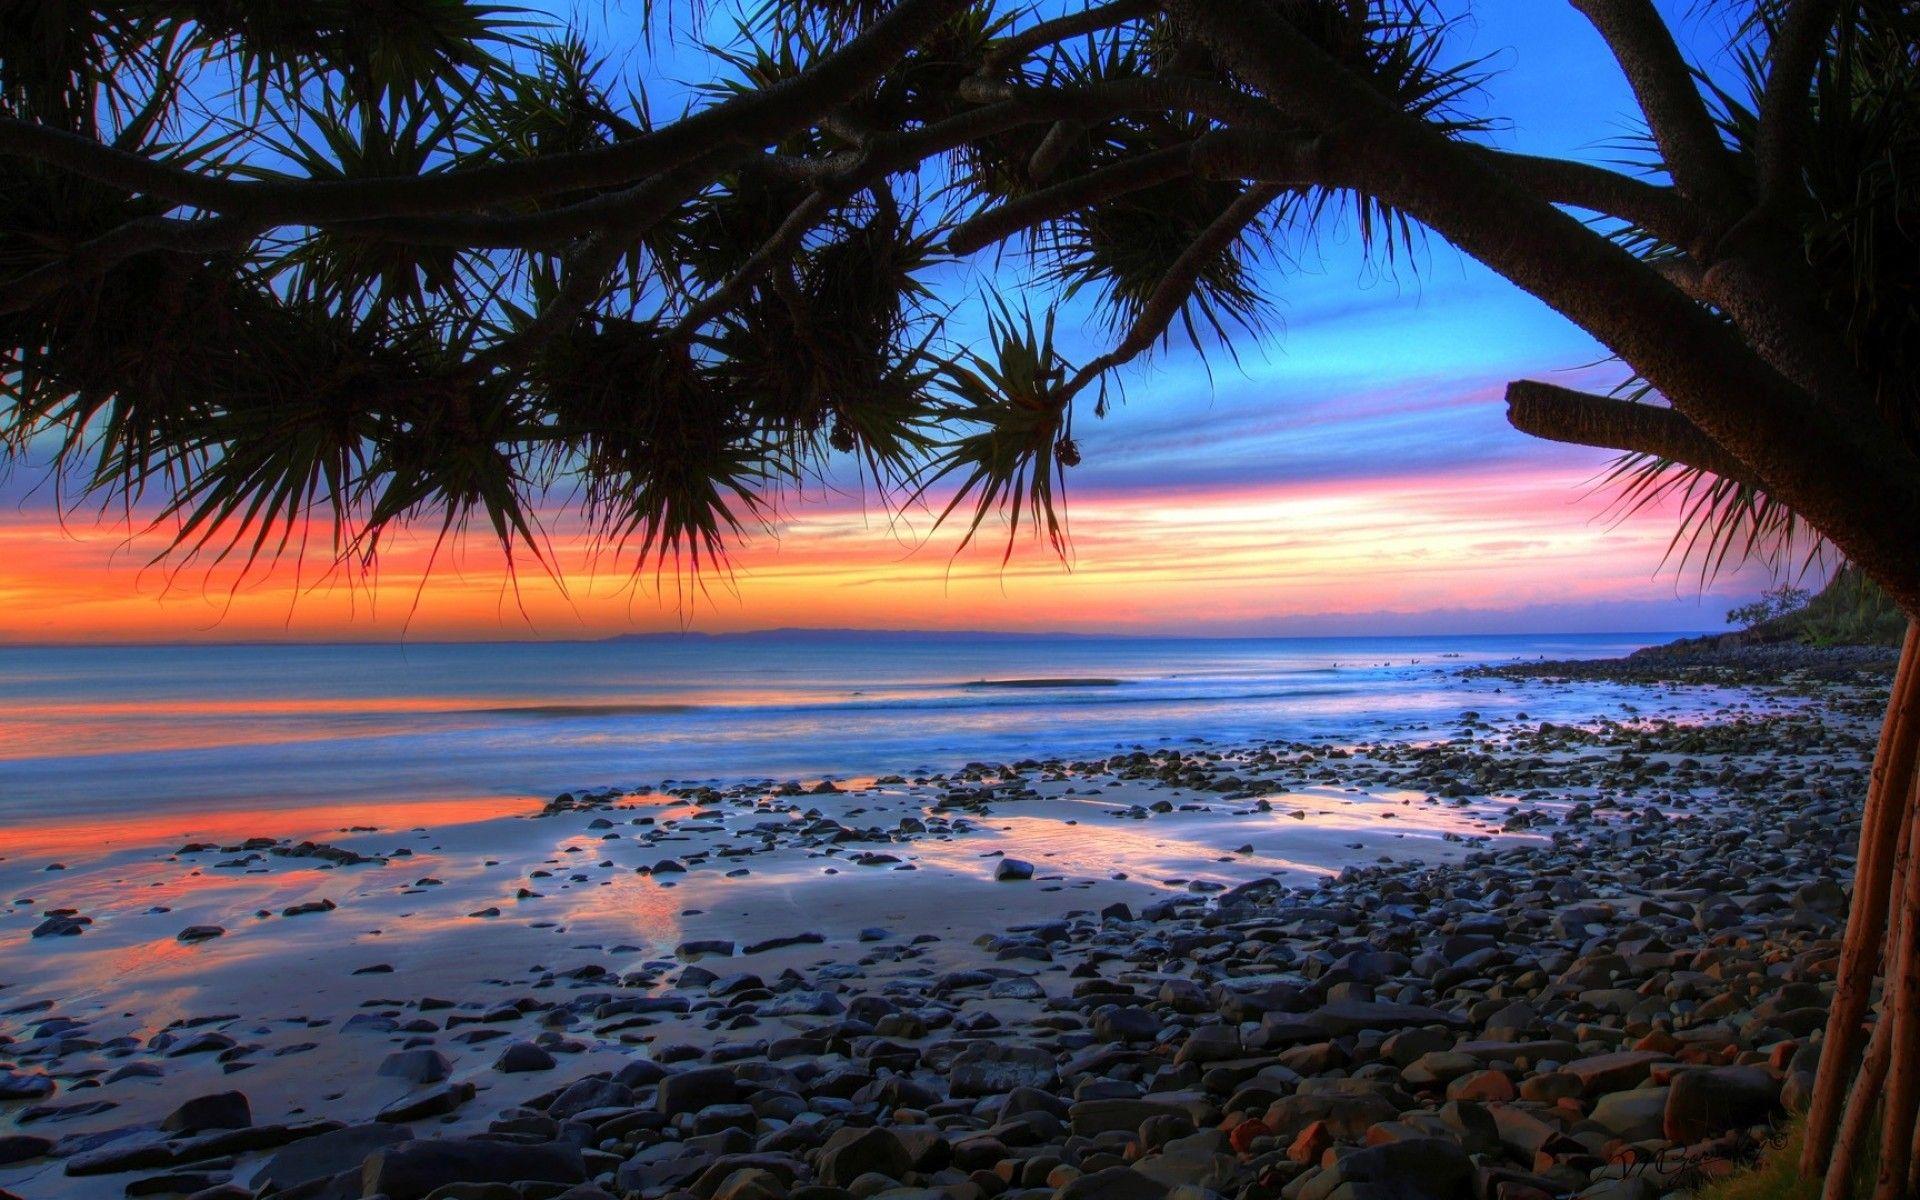 HD Laptop Backgrounds K Wallpaper | wallpapers in 2019 | Beach sunset wallpaper, Sunset ...